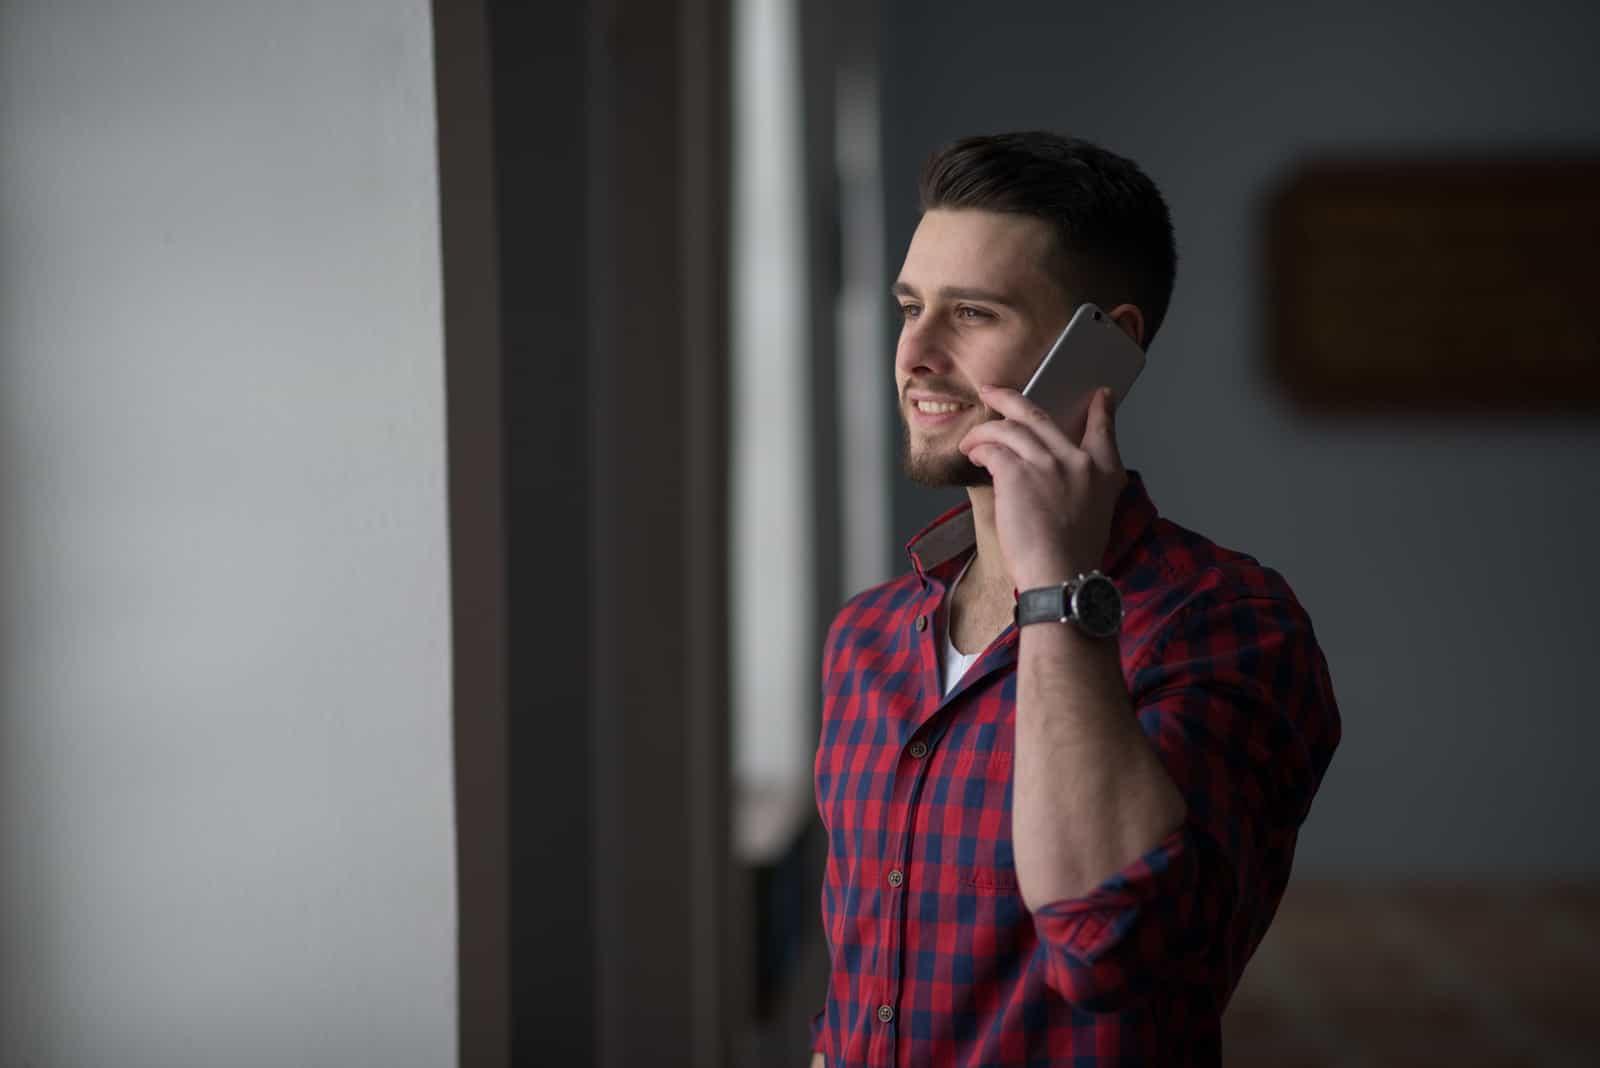 jeune homme souriant tout en parlant au téléphone mobile